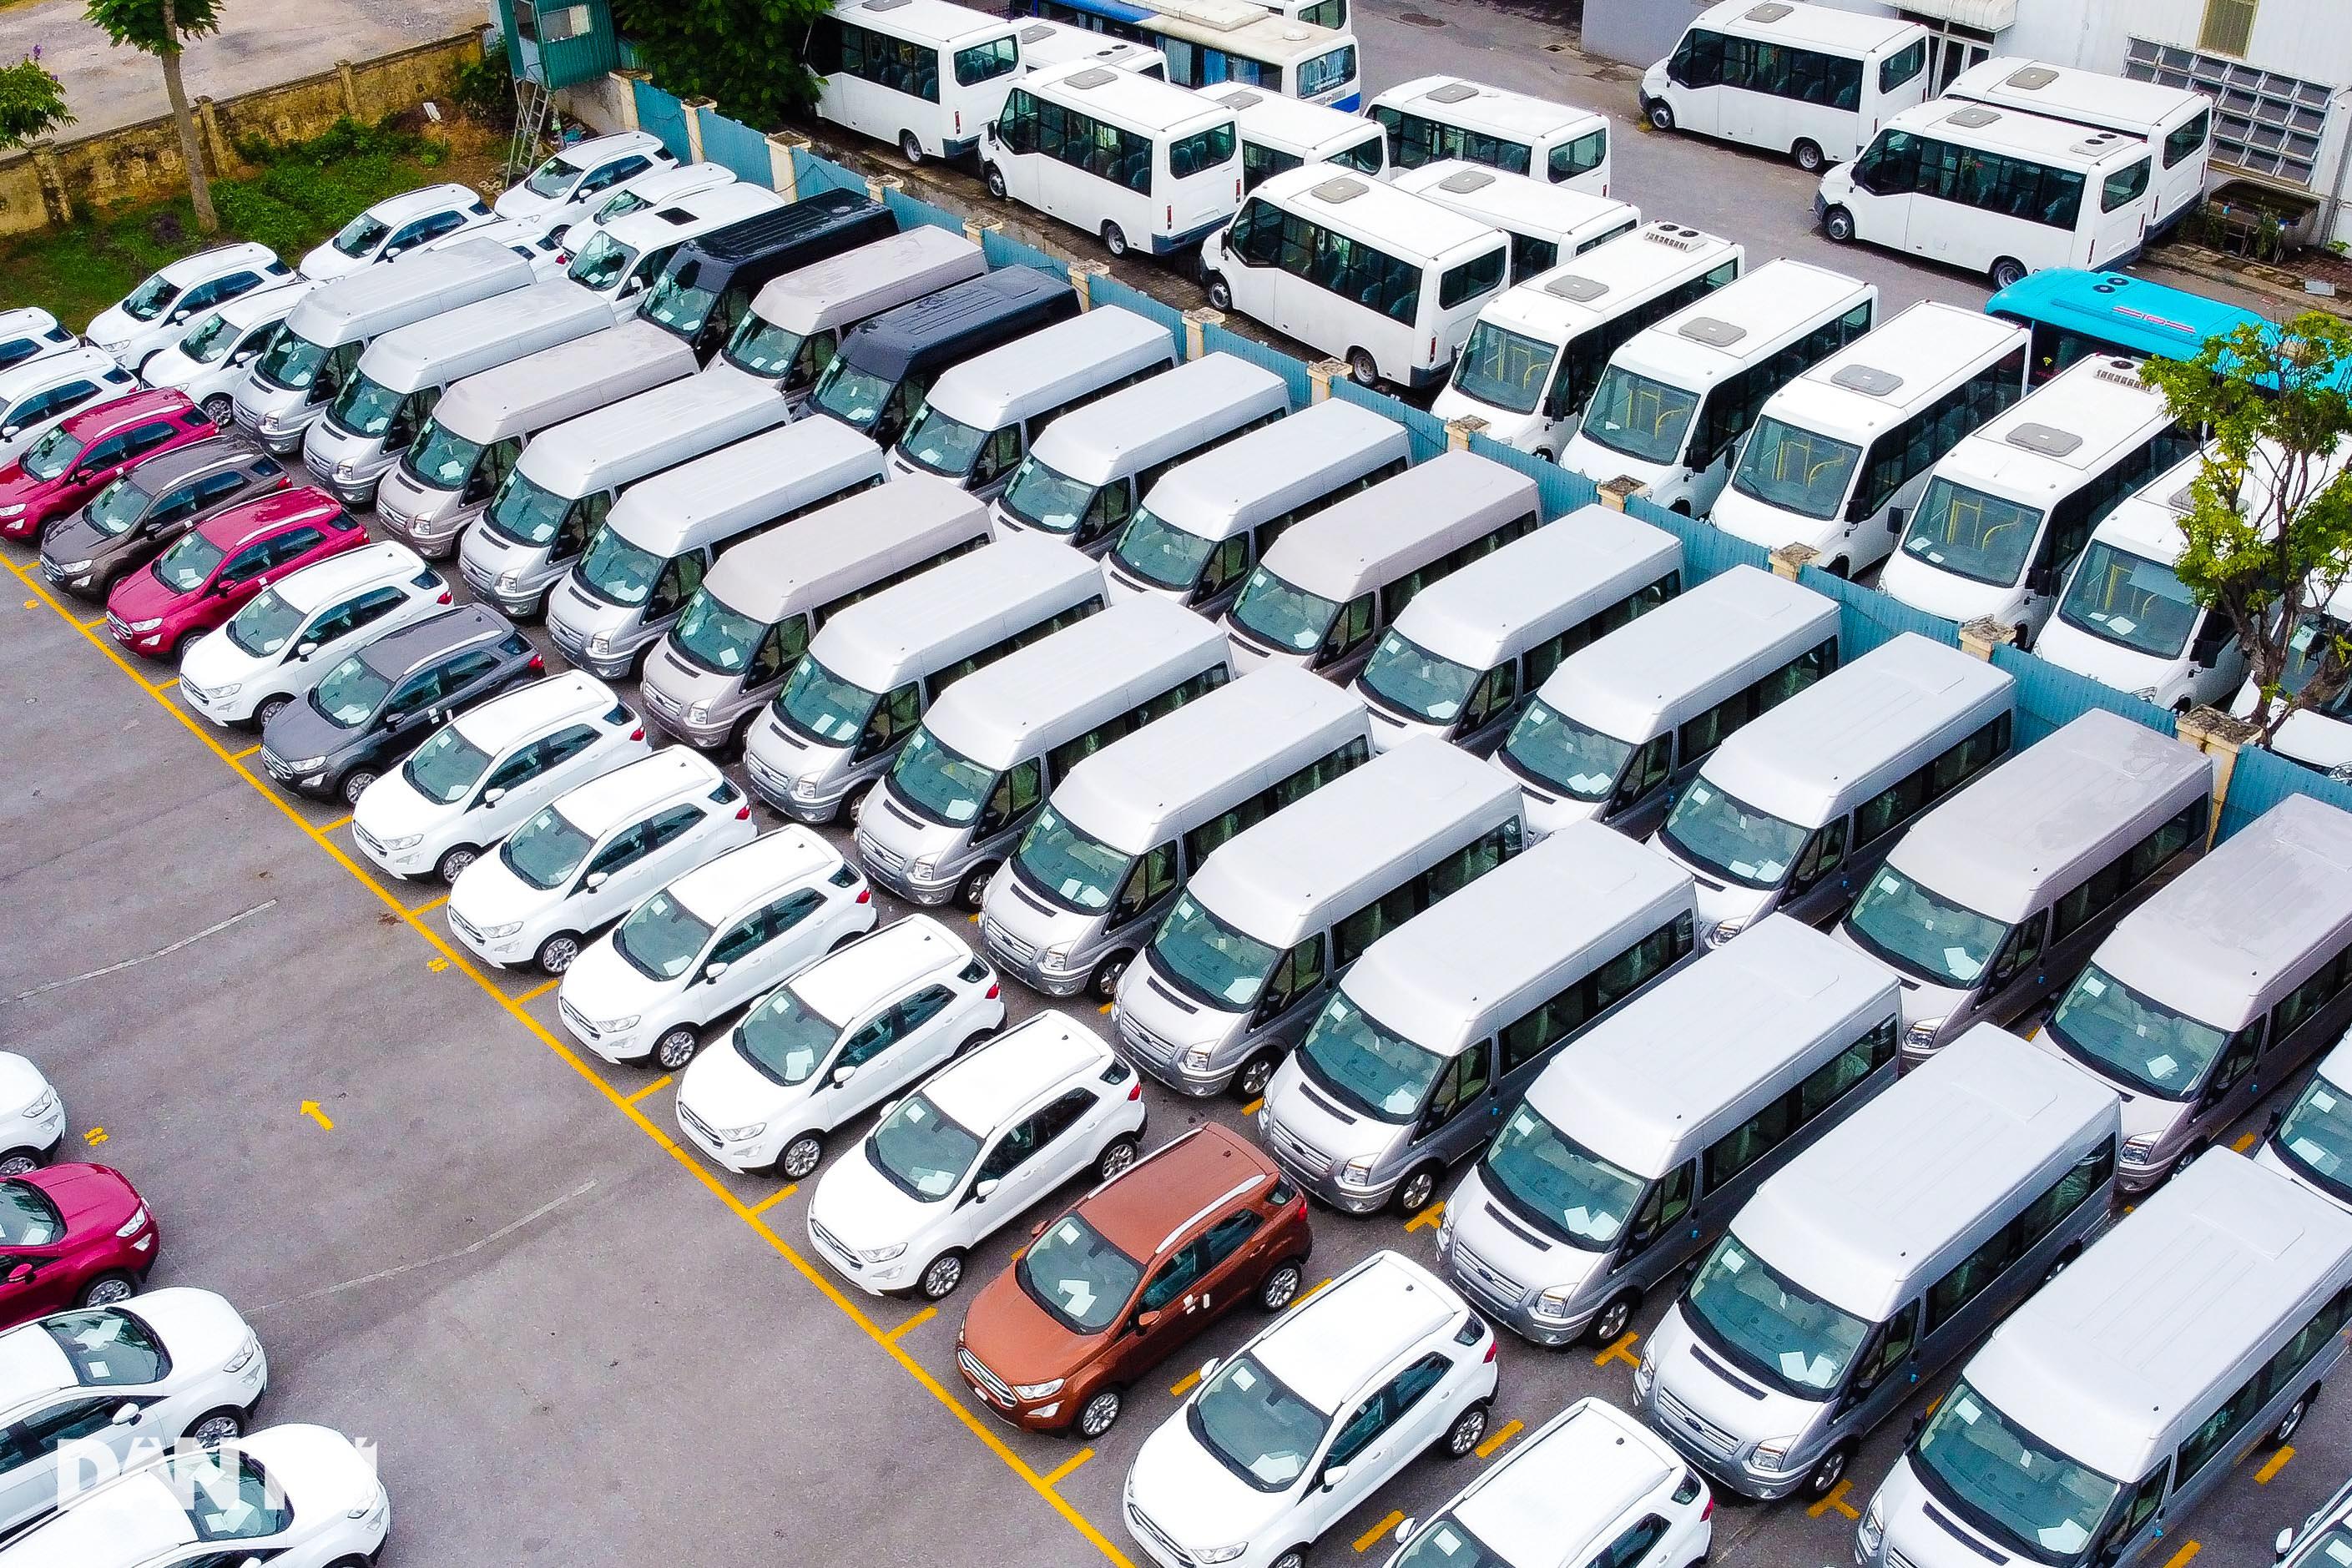 Hà Nội: Hàng nghìn ôtô nằm phơi nắng dầm mưa vì giãn cách xã hội - 11